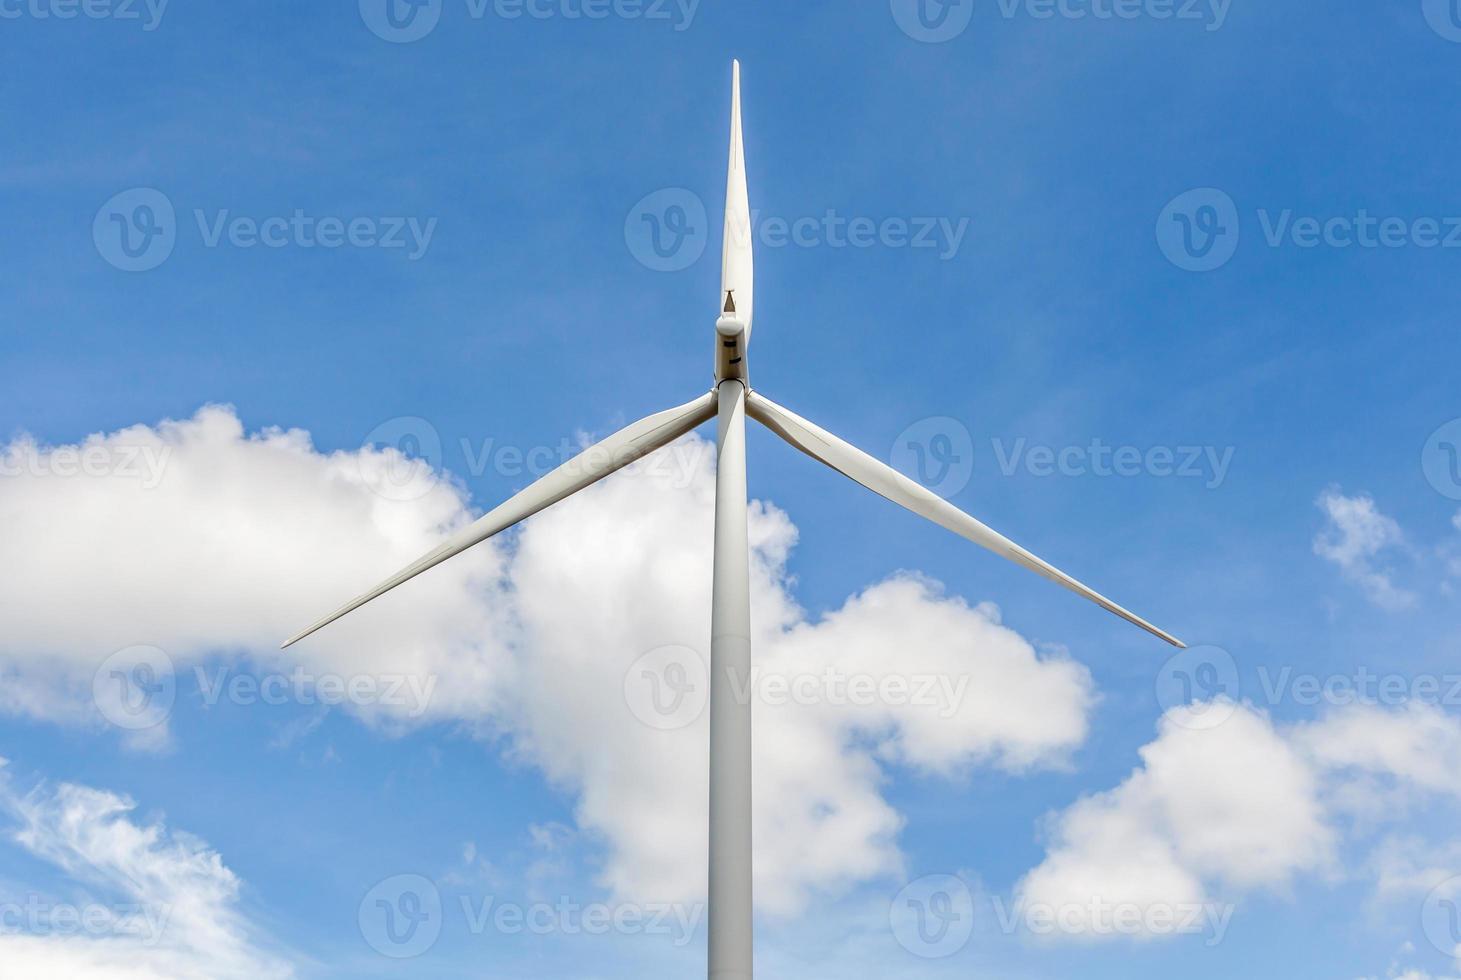 por trás da vista da turbina eólica no lindo céu azul. foto